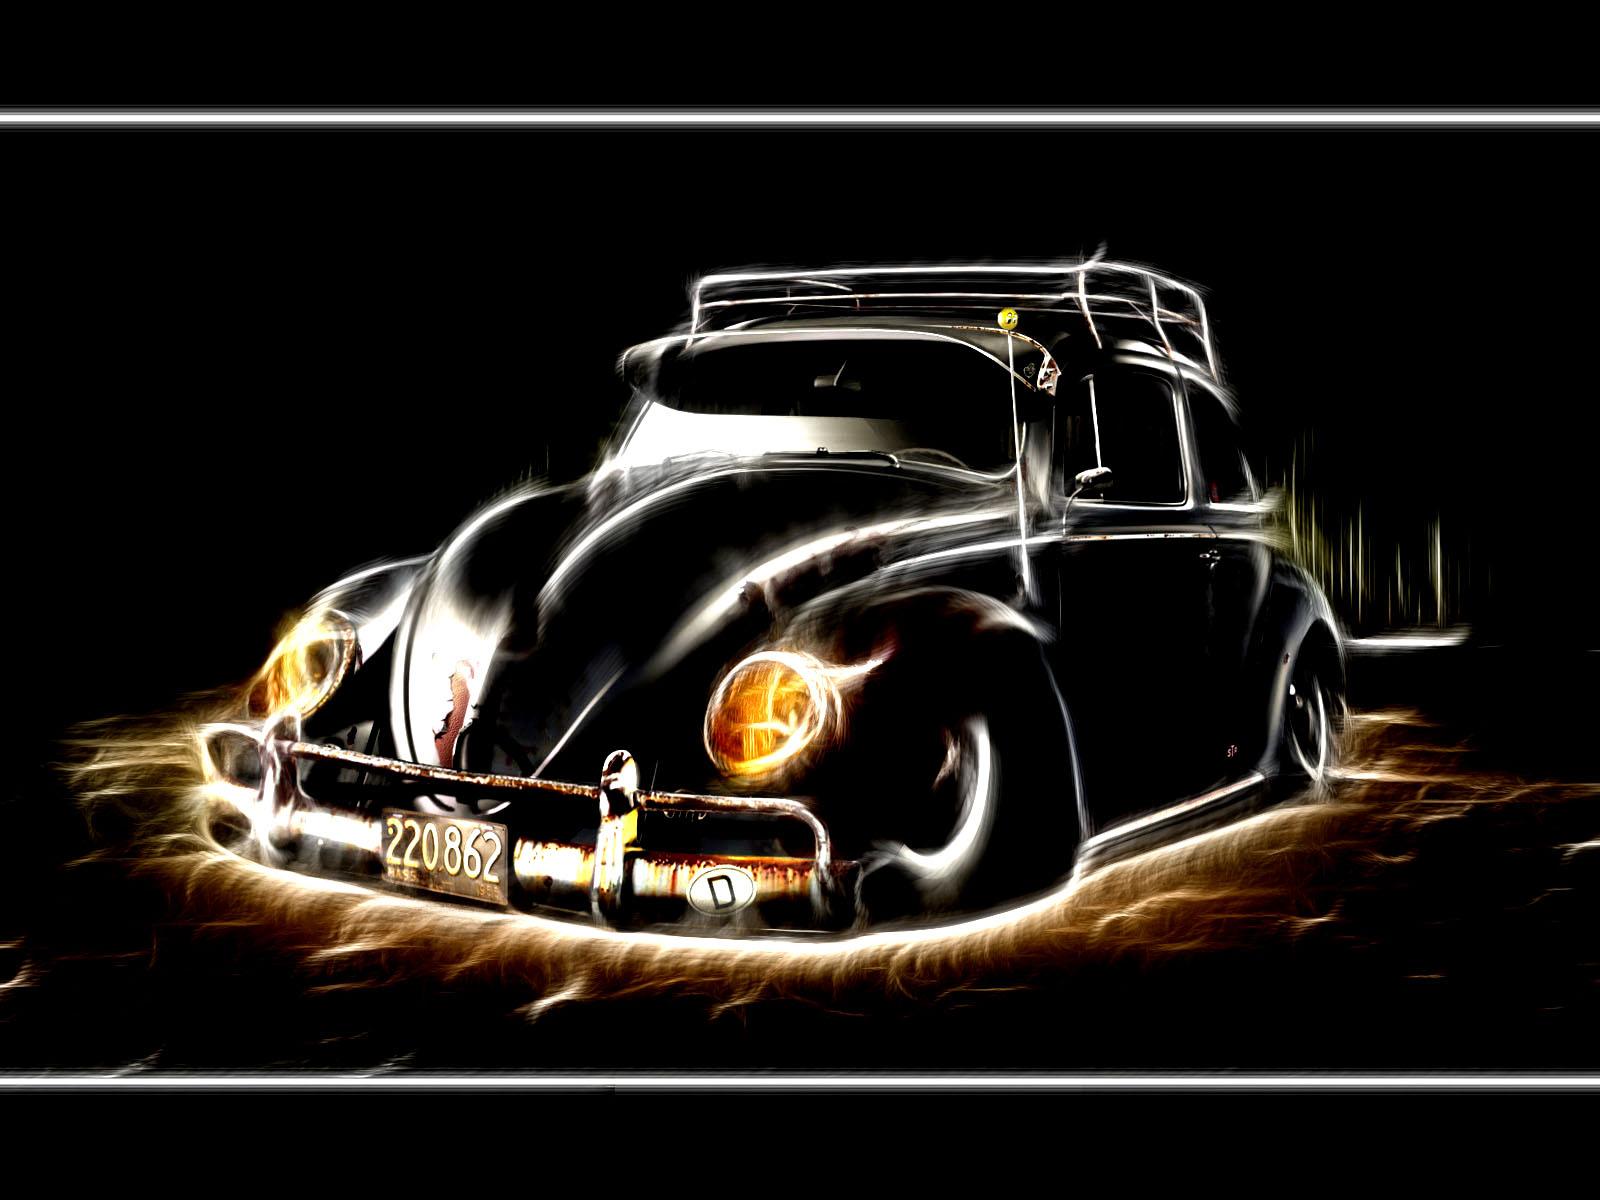 Vehicles   Volkswagen Beetle Wallpaper 1600x1200